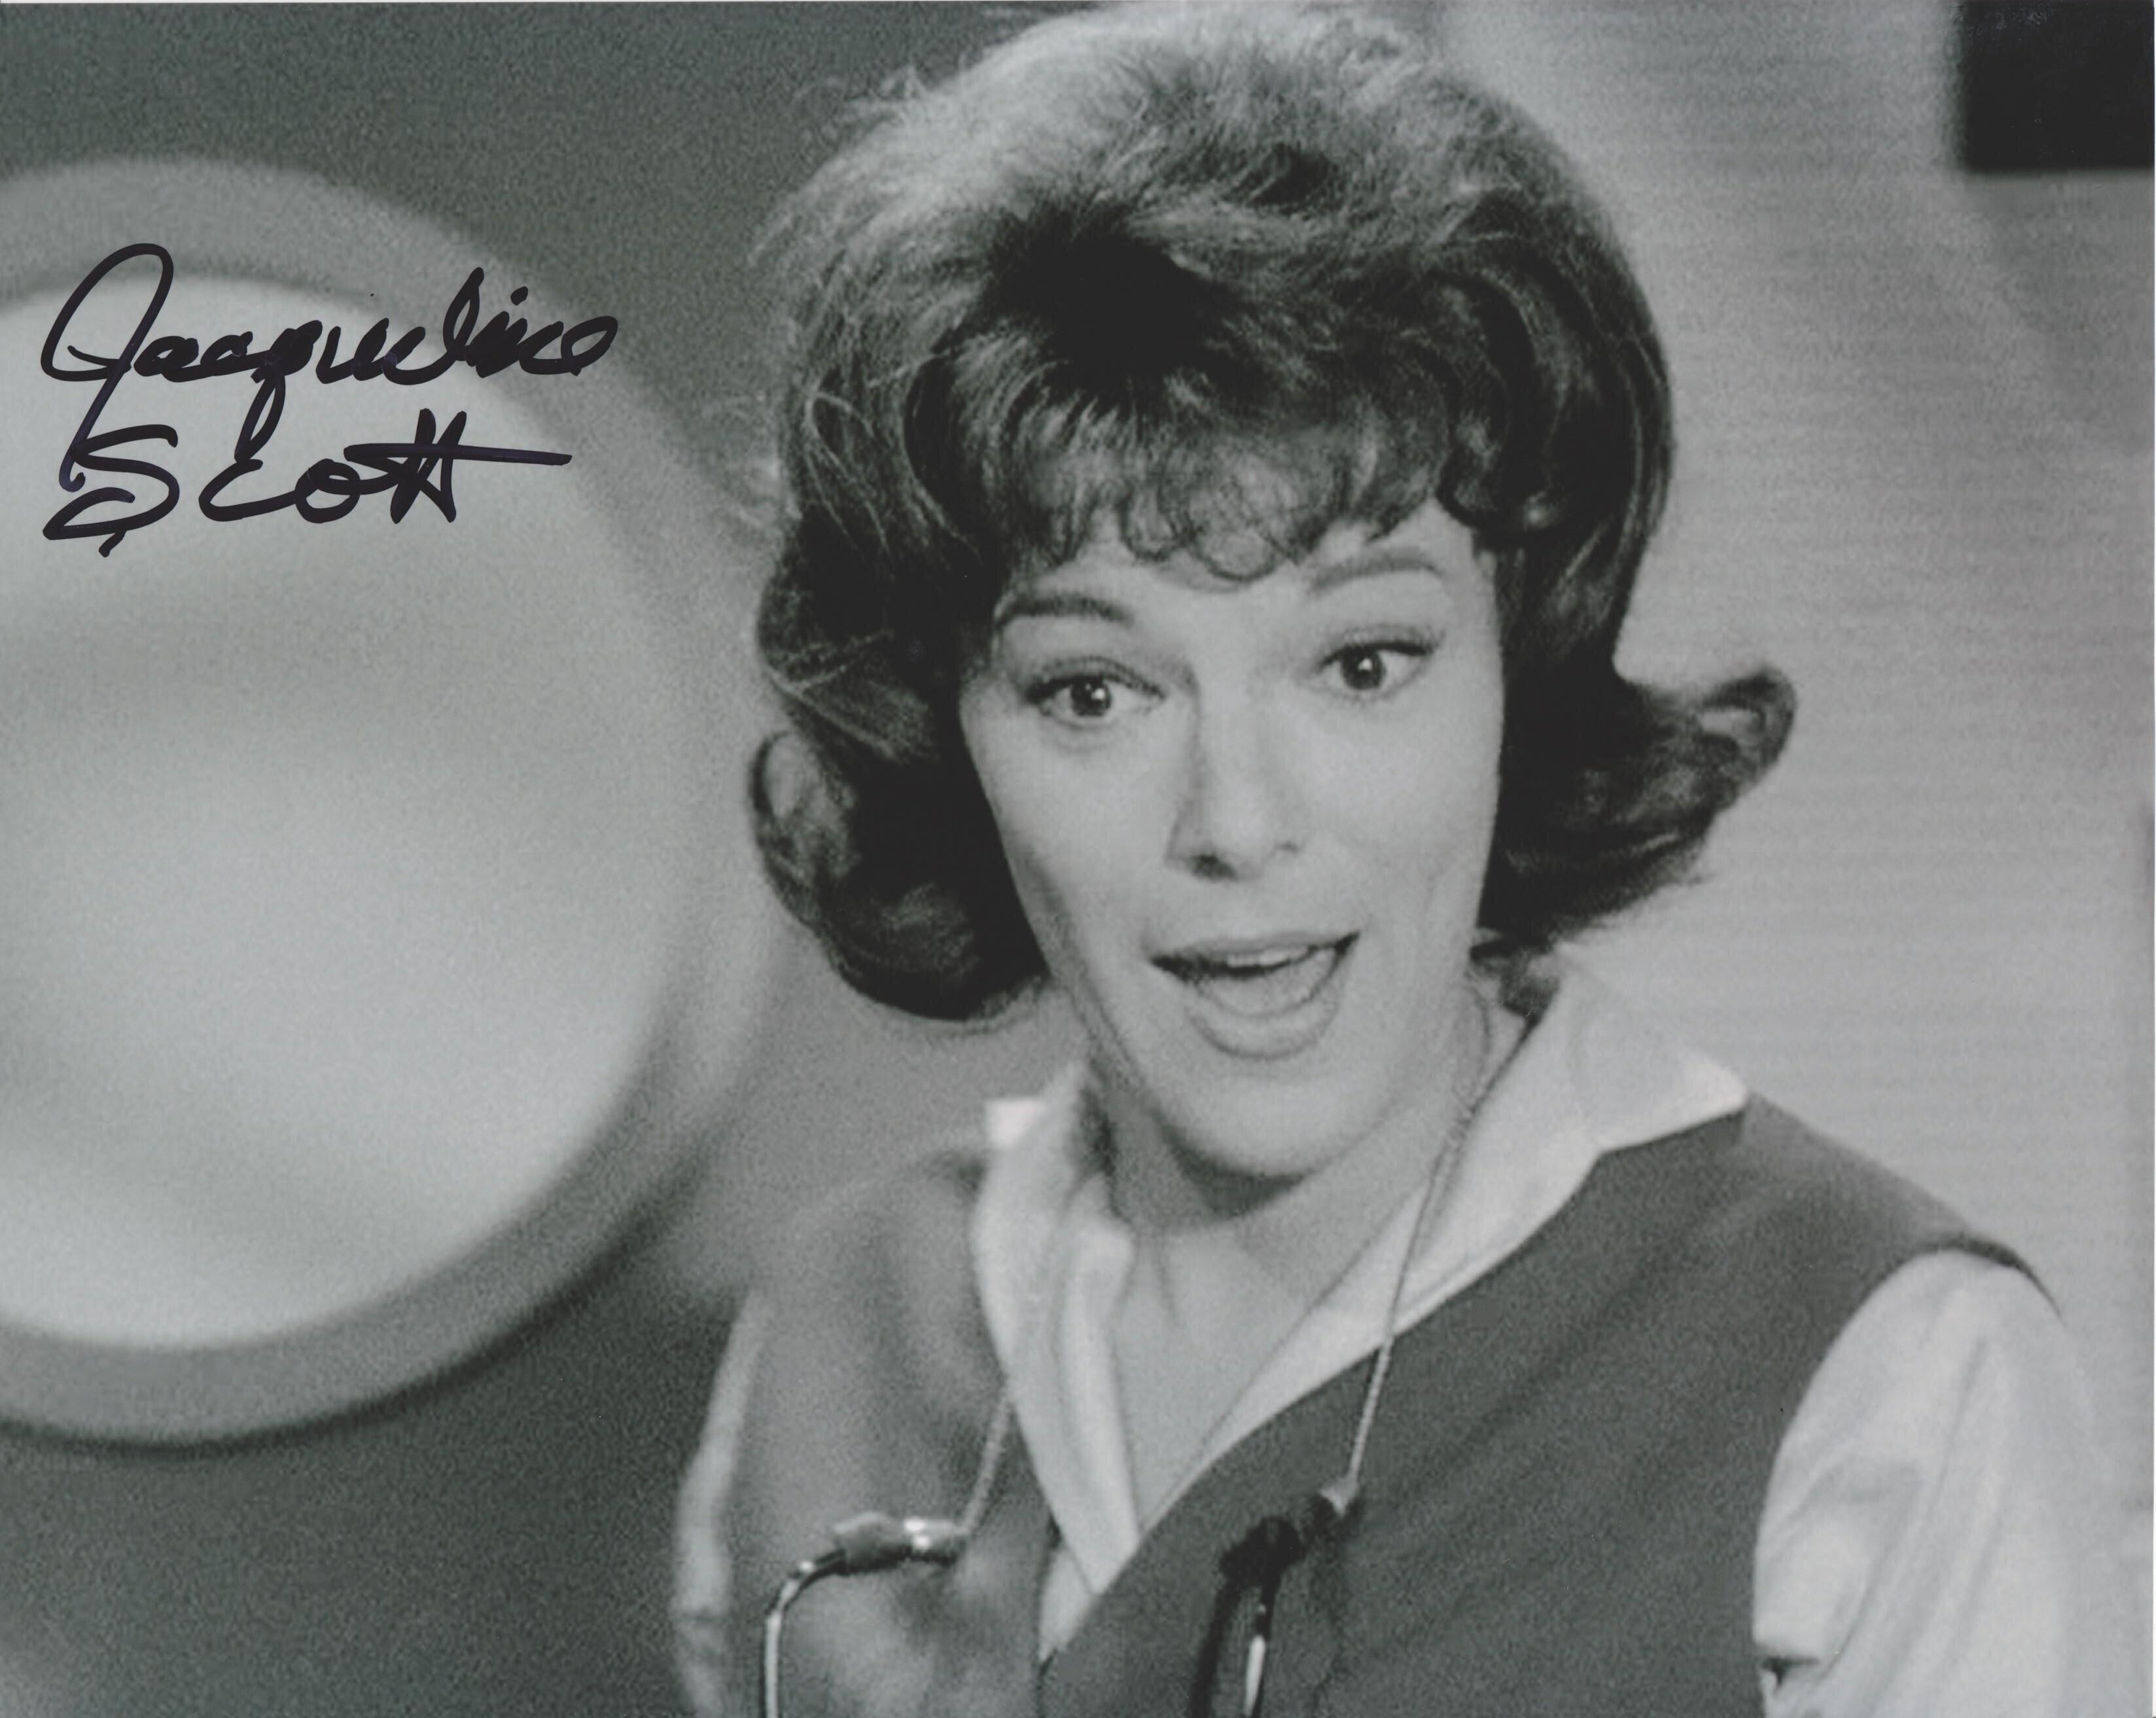 Jacqueline Scott Jacqueline Scott new picture